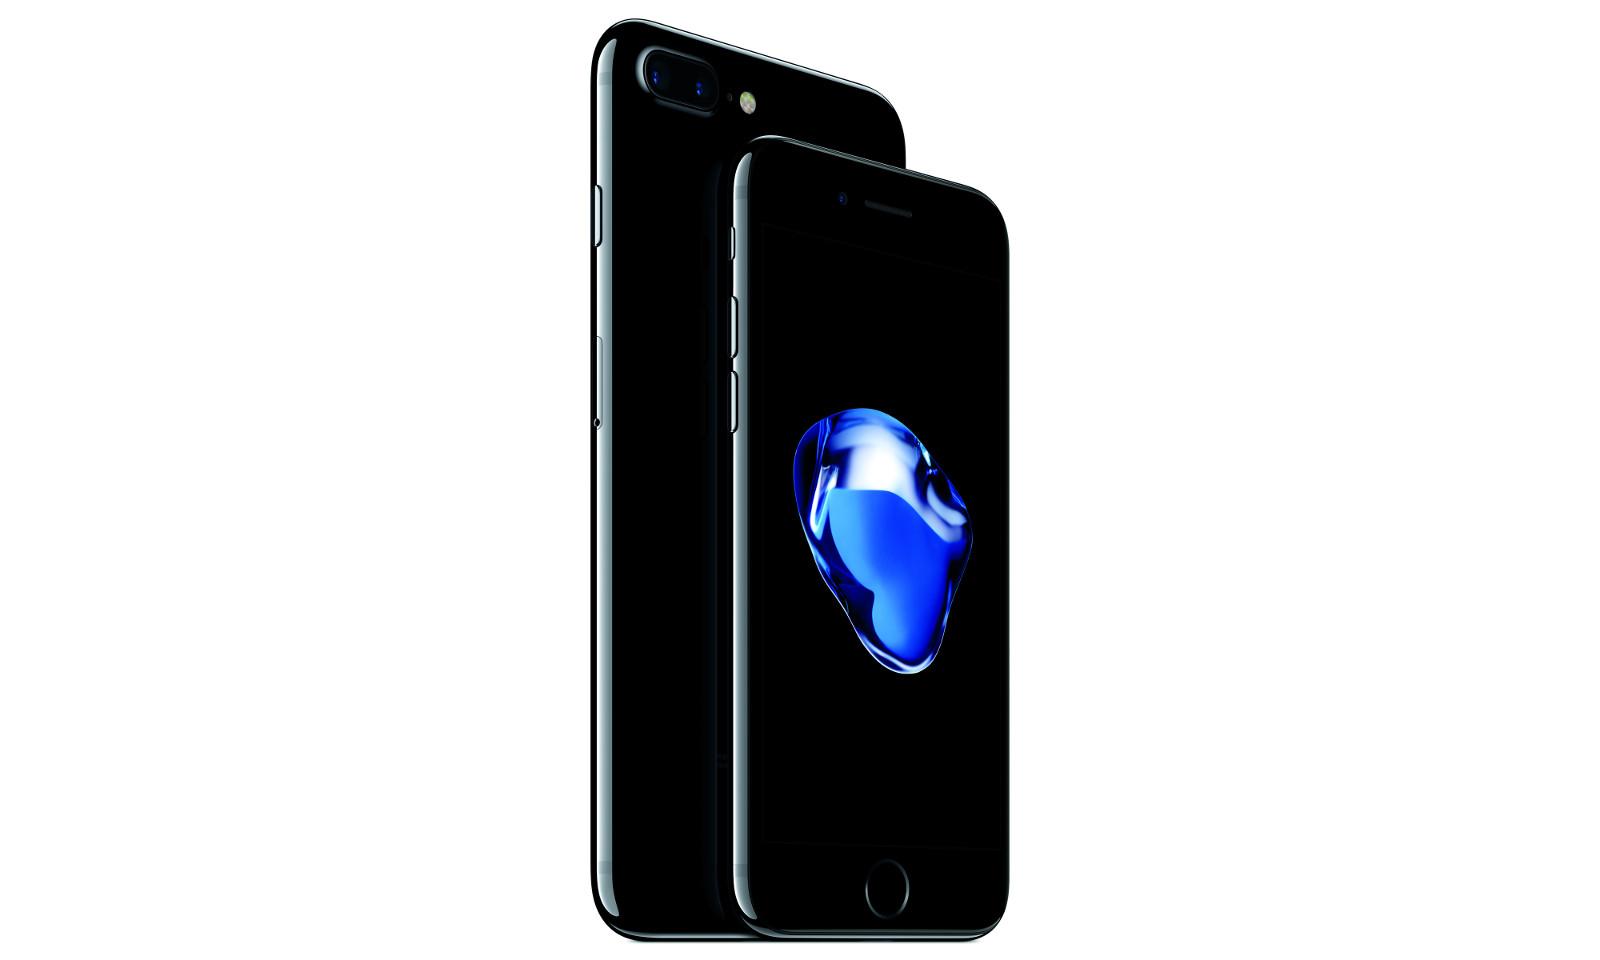 Das iPhone 7 im Kratz- und Biege-Test